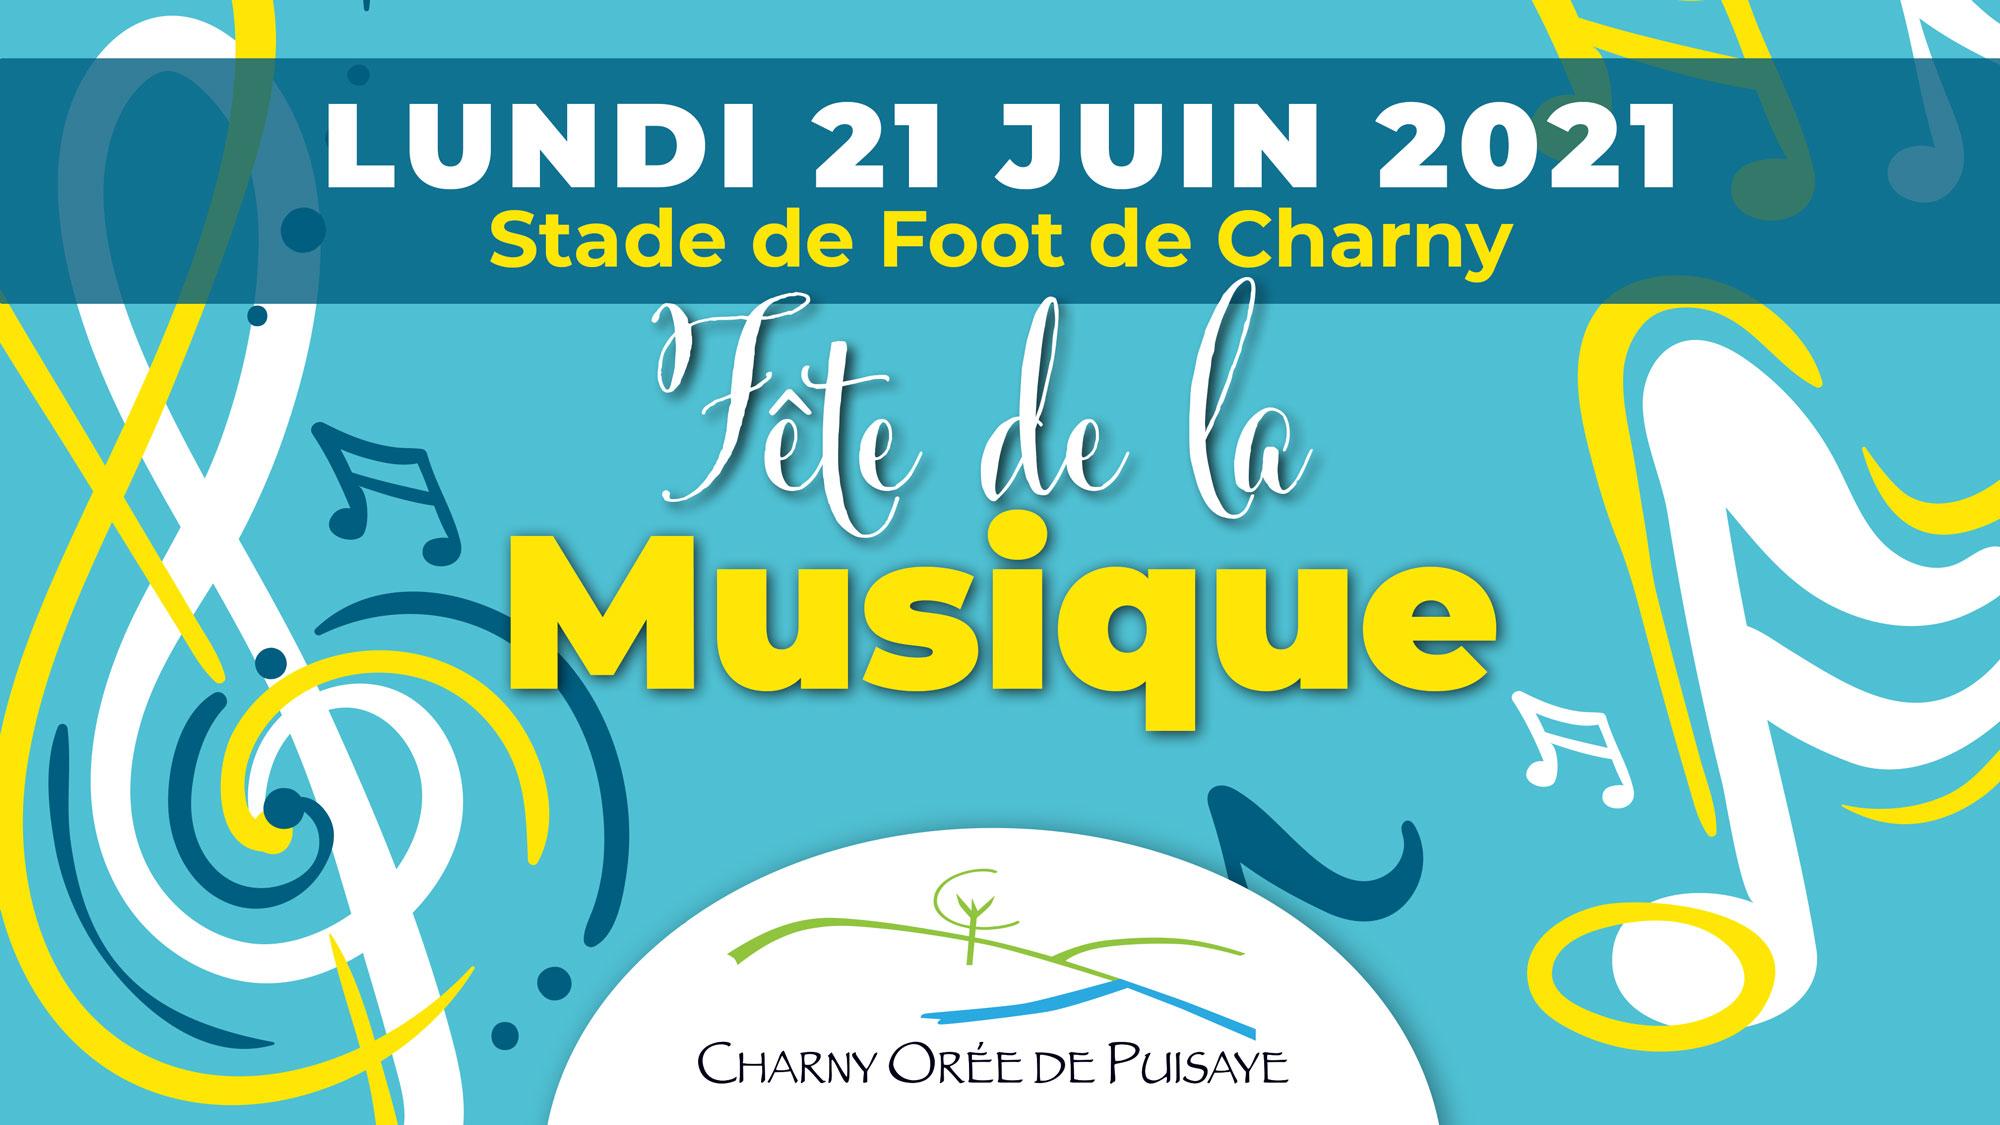 Fête de la musique 2021 Charny Orée de puisaye